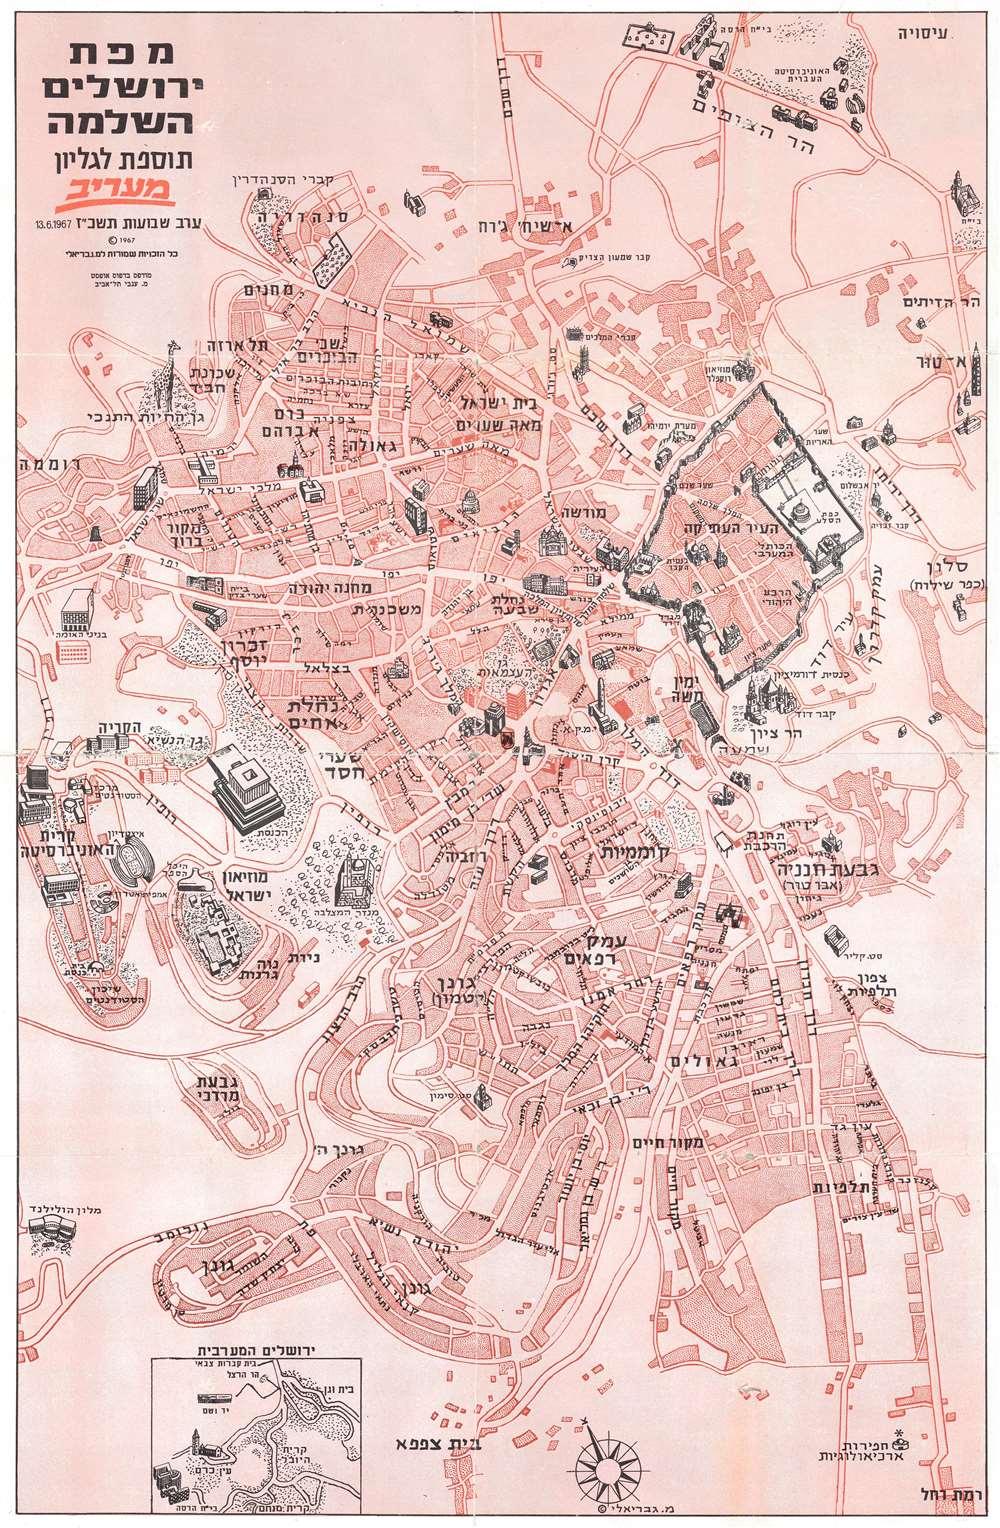 1967 Maariv Pictorial City Plan or Map of Jerusalem, Israel in Hebrew